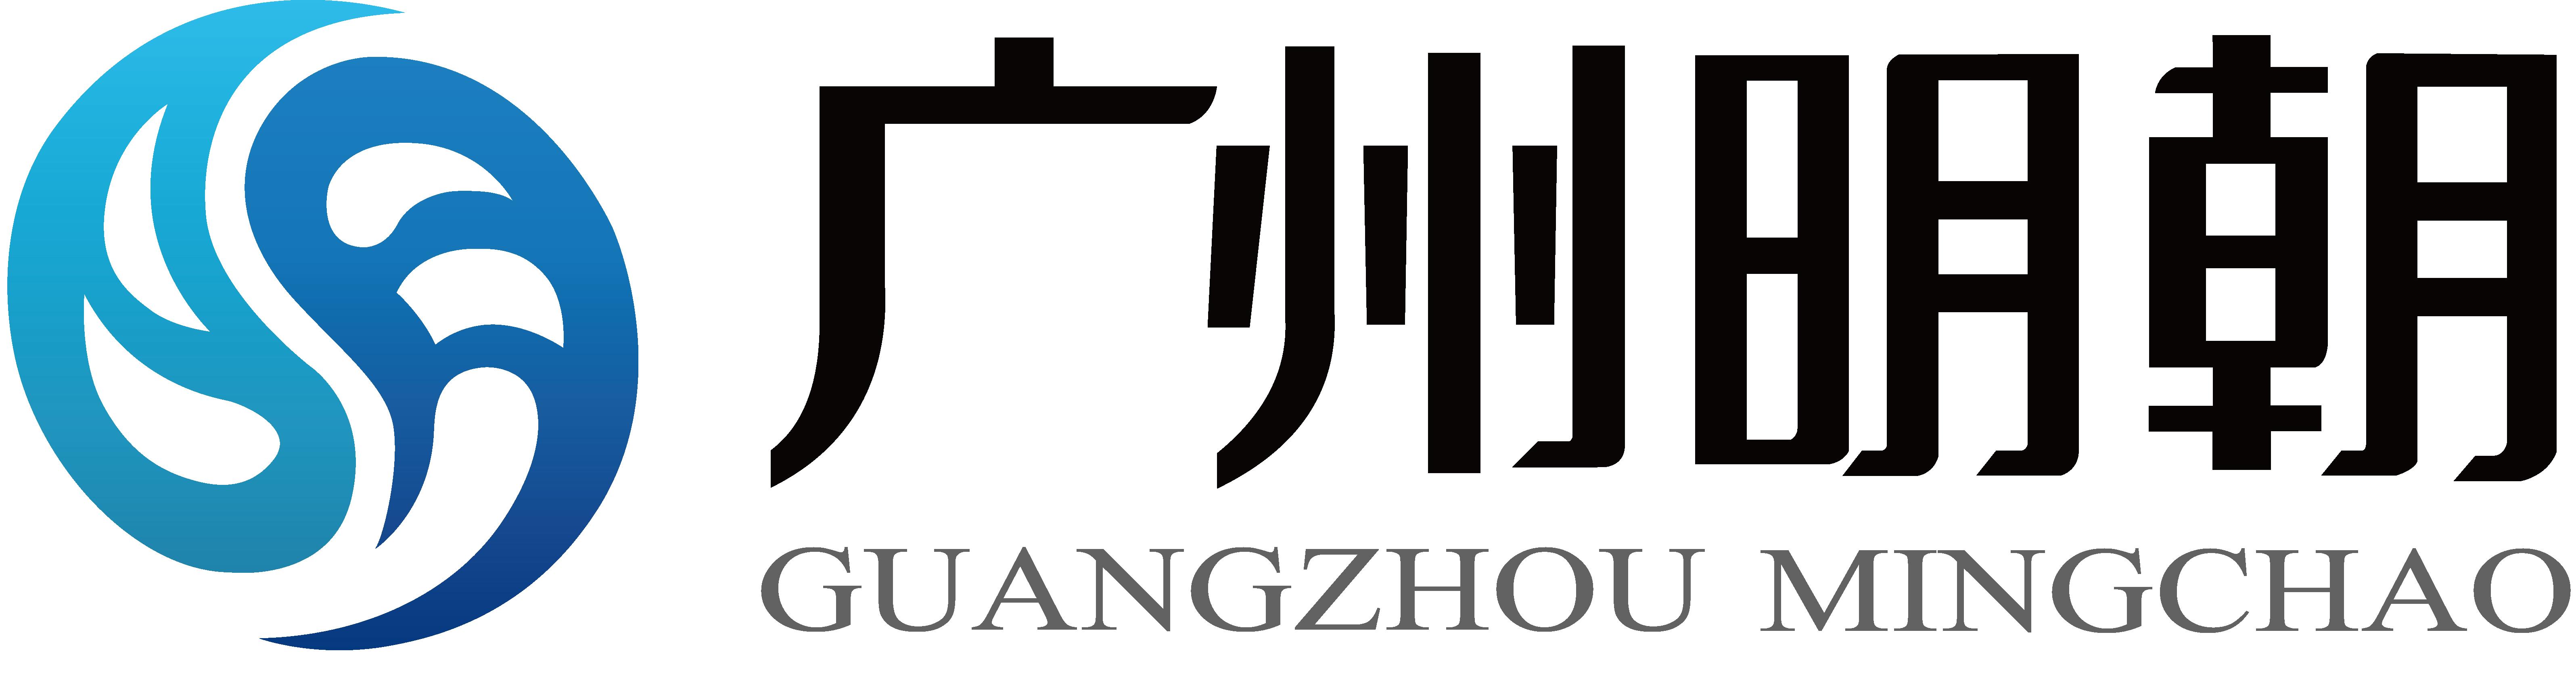 广州明朝信息技术有限公司